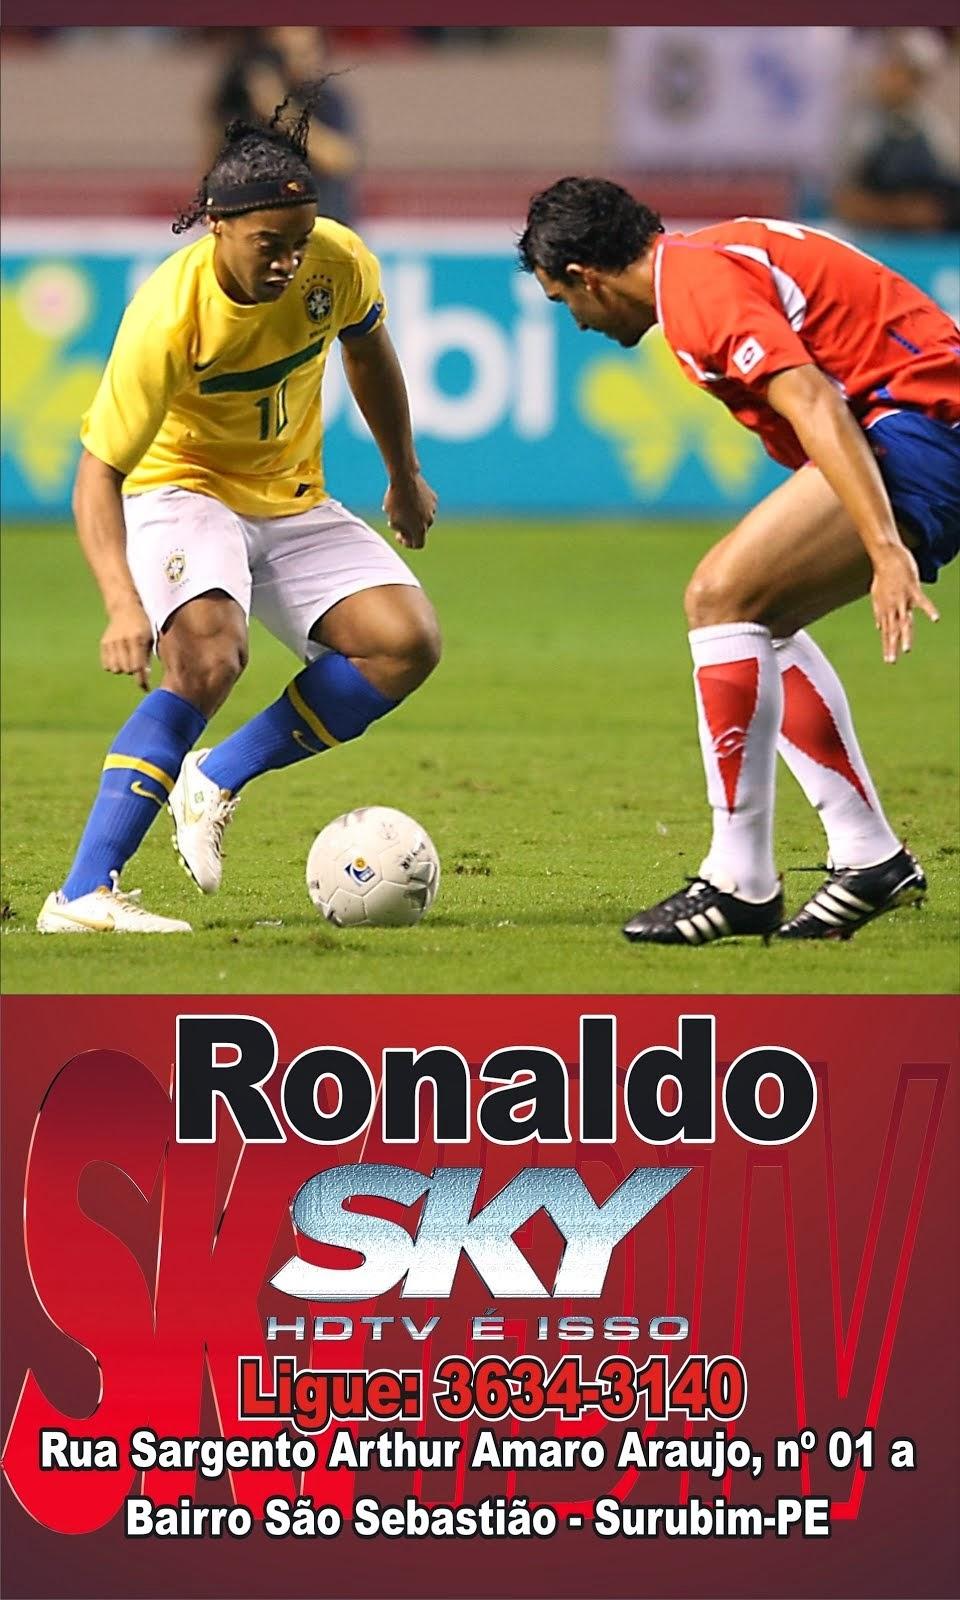 Ronaldo SKY